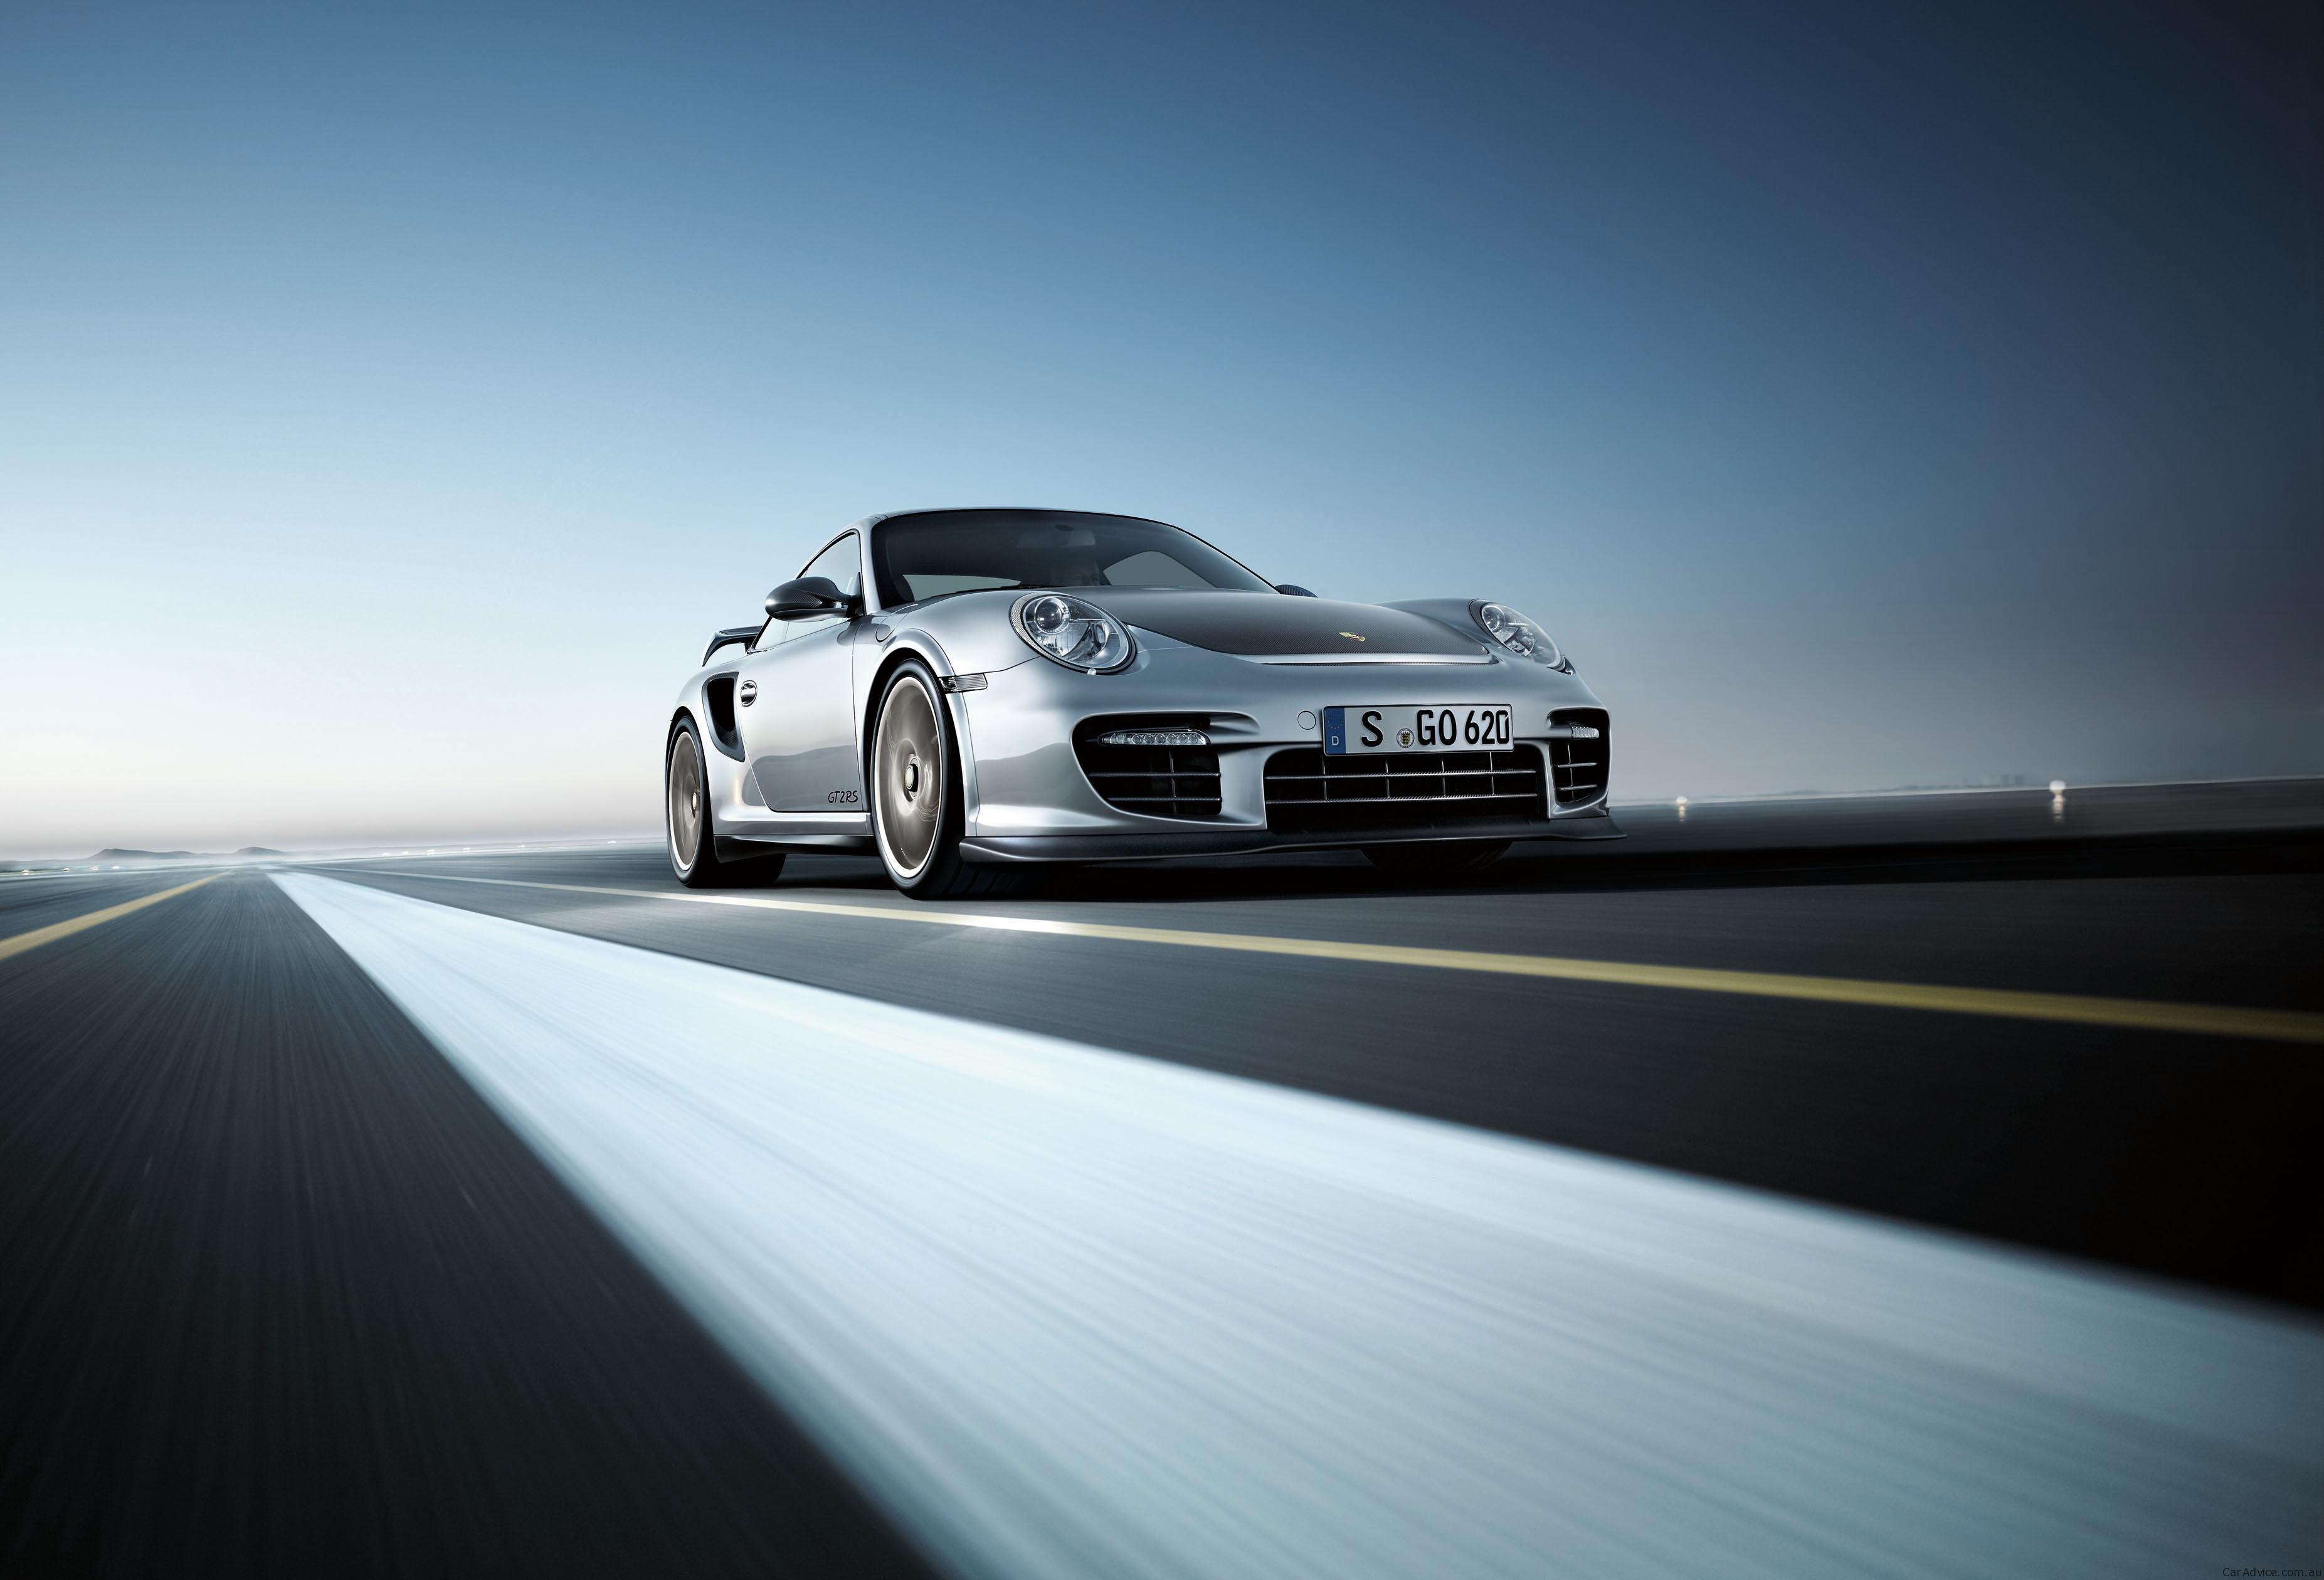 Porsche-911-GT2-RS-2 Outstanding Porsche 911 Gt2 Wheel Au Cars Trend